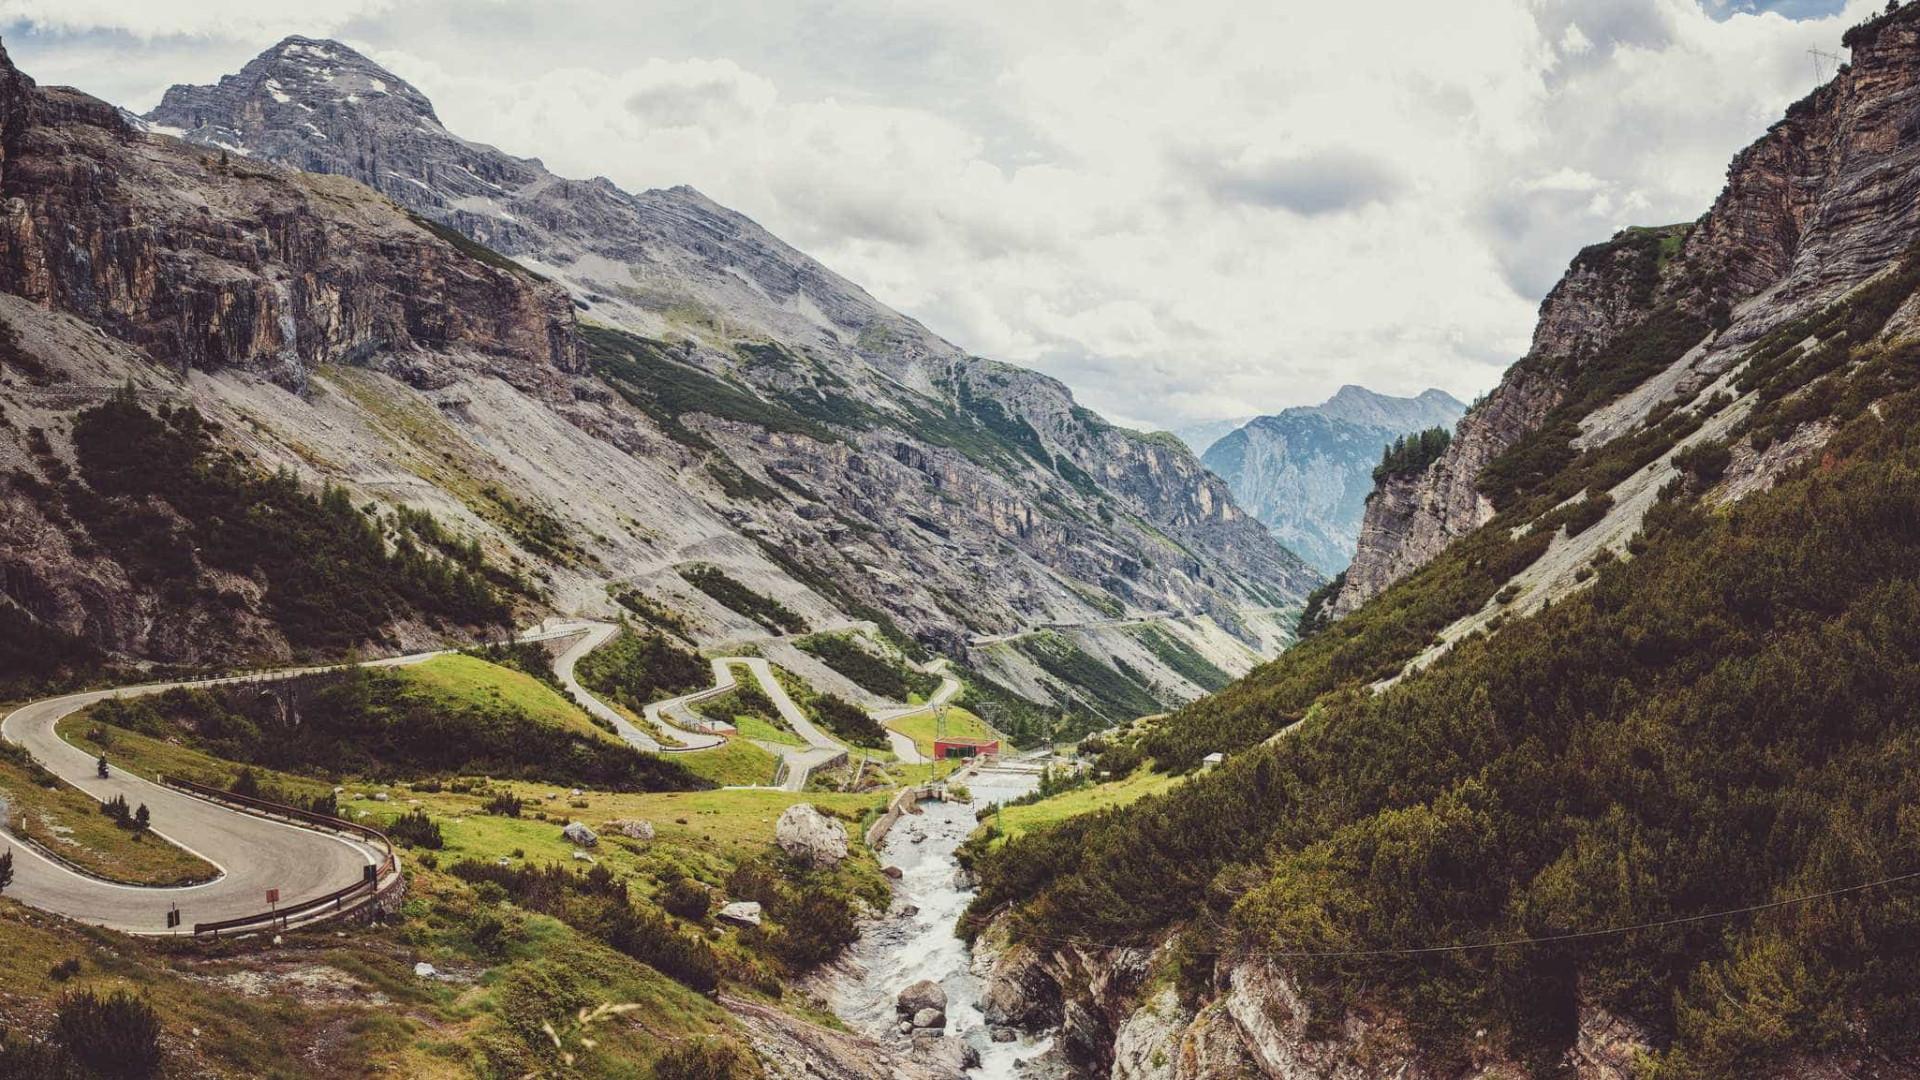 Quer uma viagem incomum? Veja hospedagens exóticas na Itália